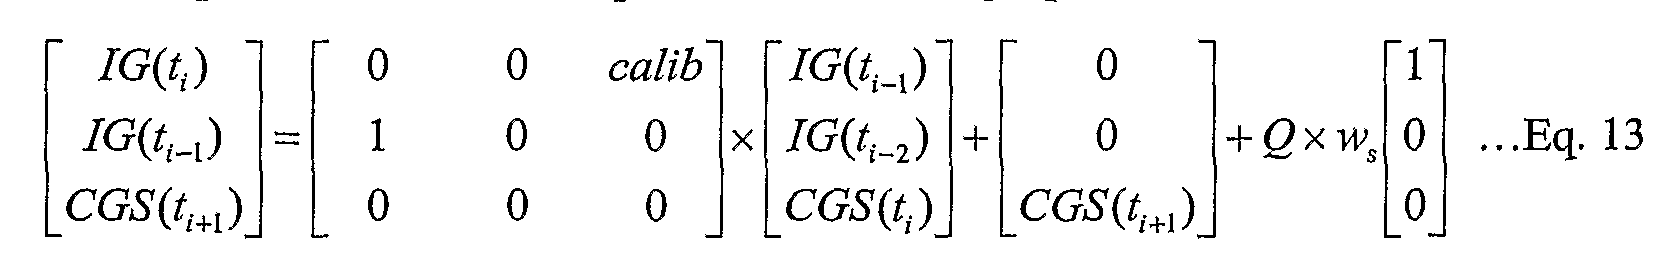 Figure imgf000015_0004